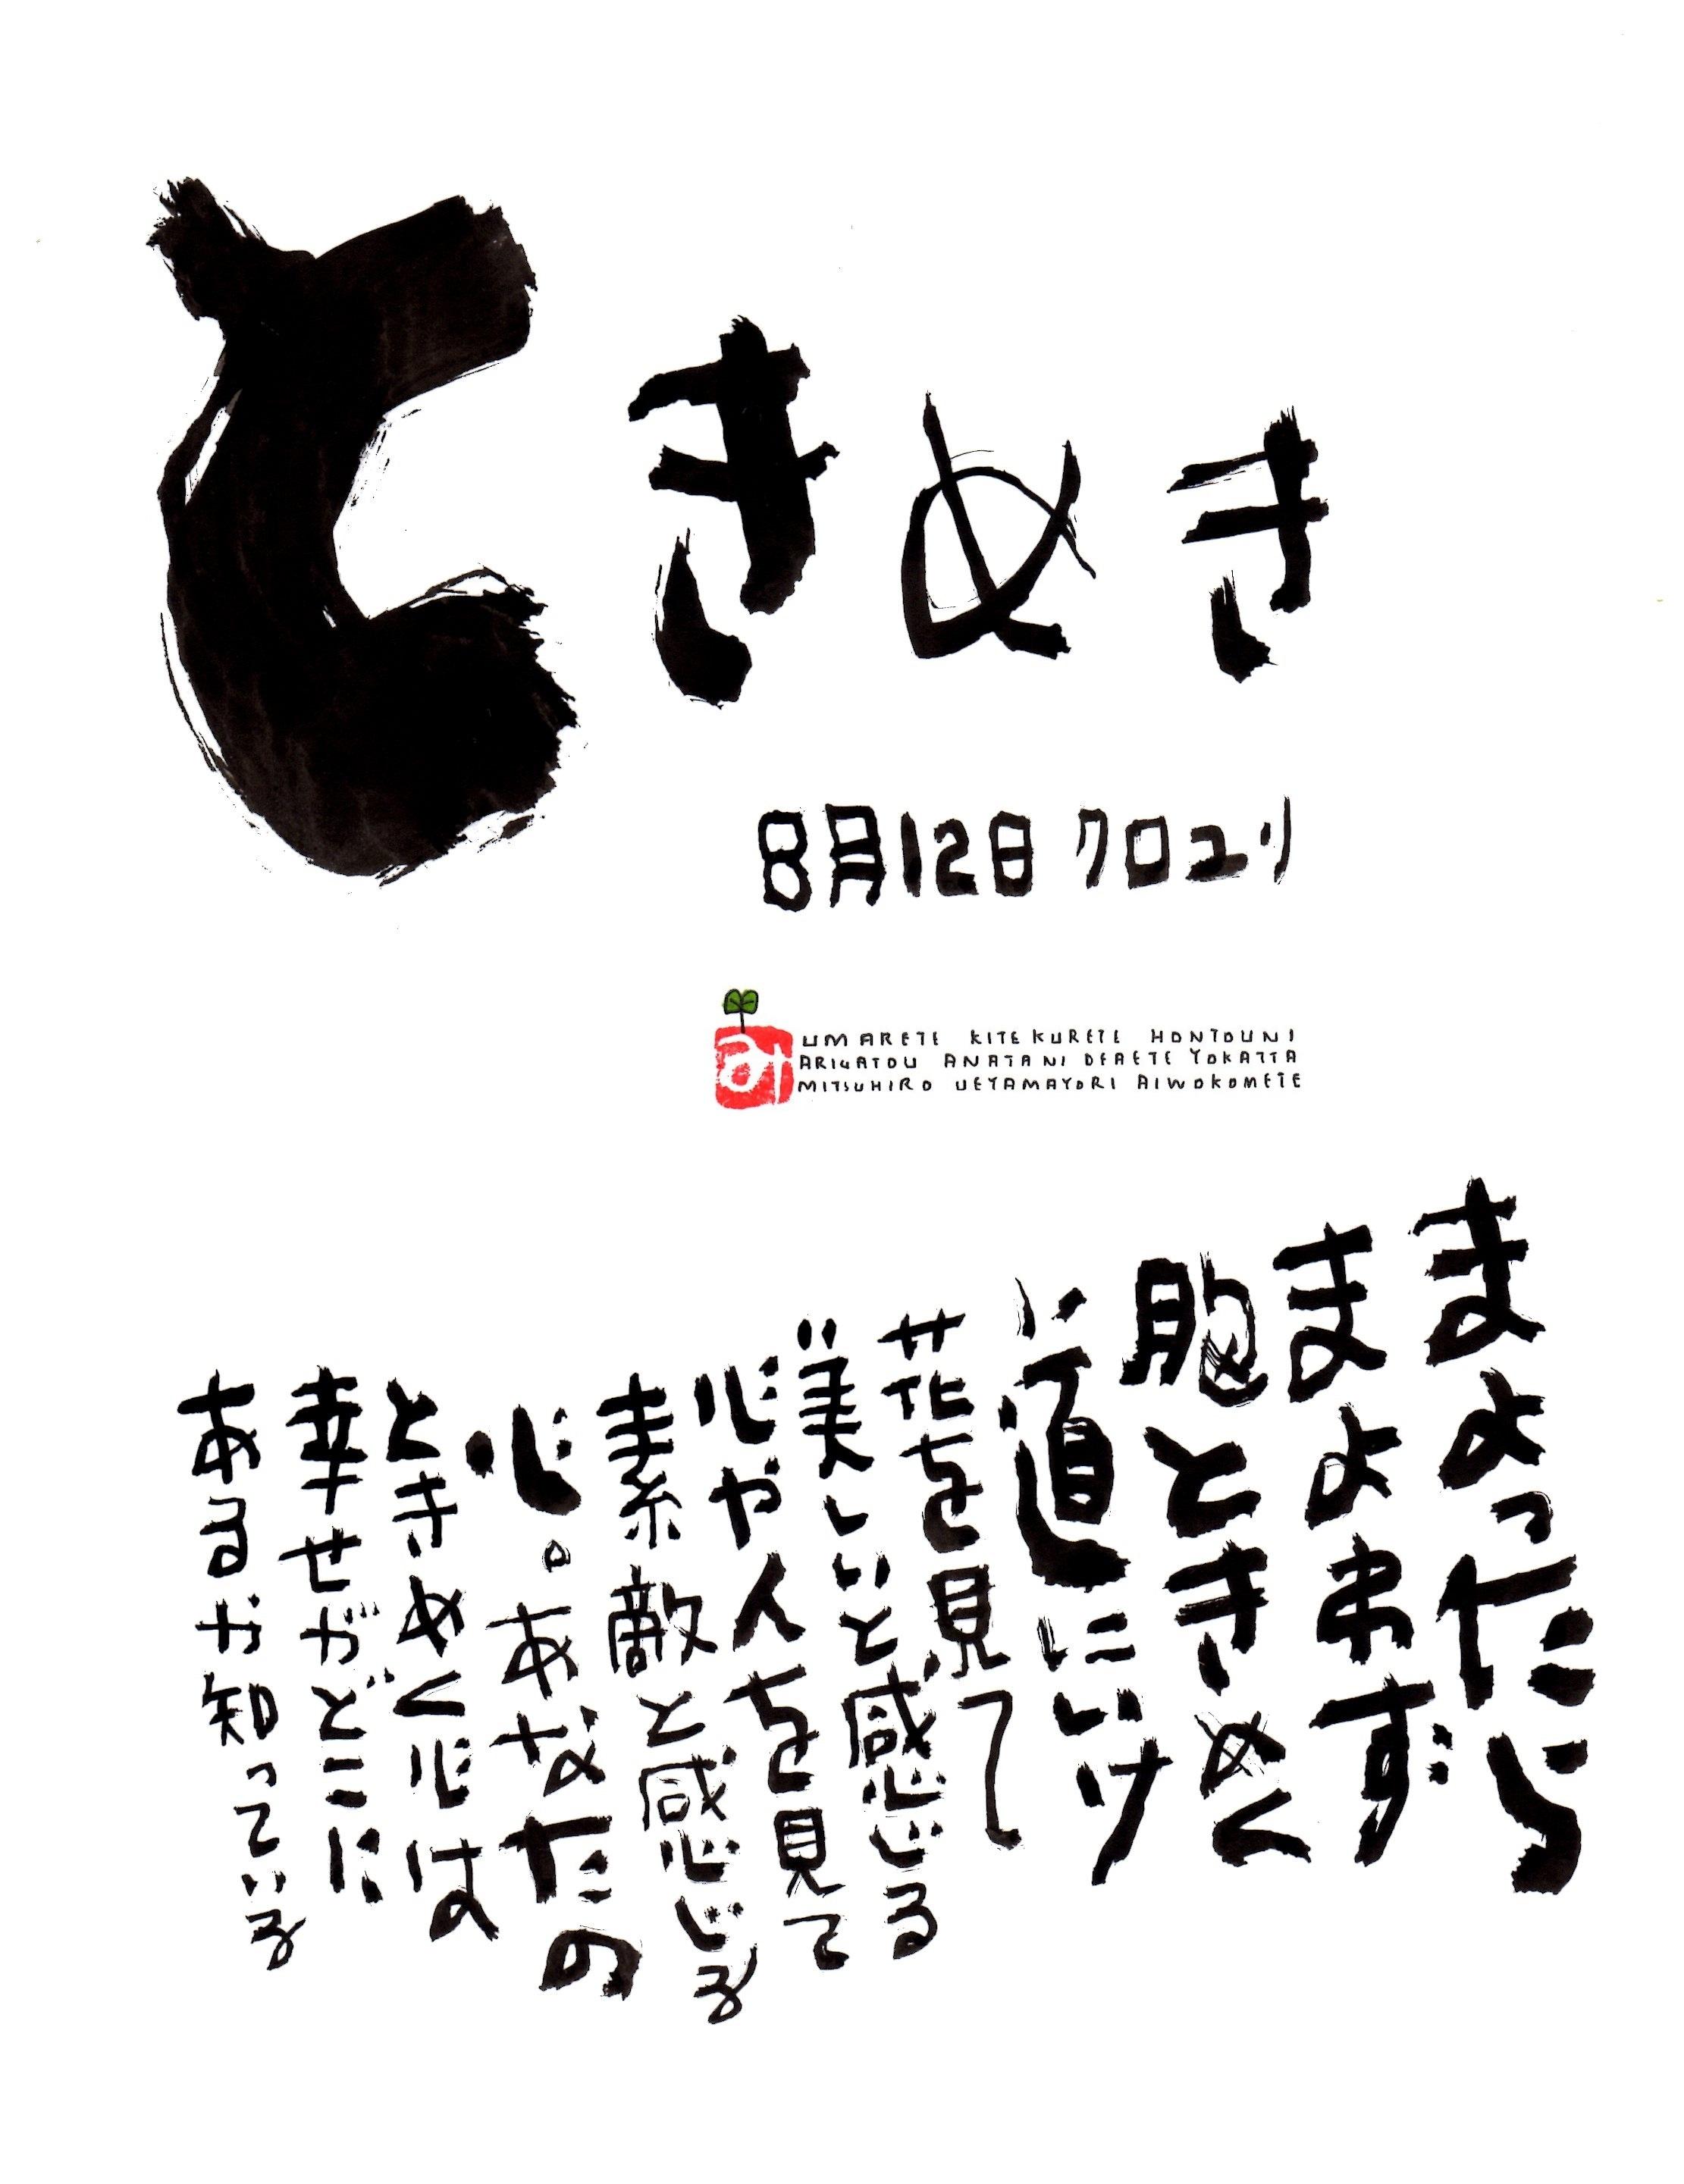 8月12日 誕生日ポストカード【ときめき】Palpitation